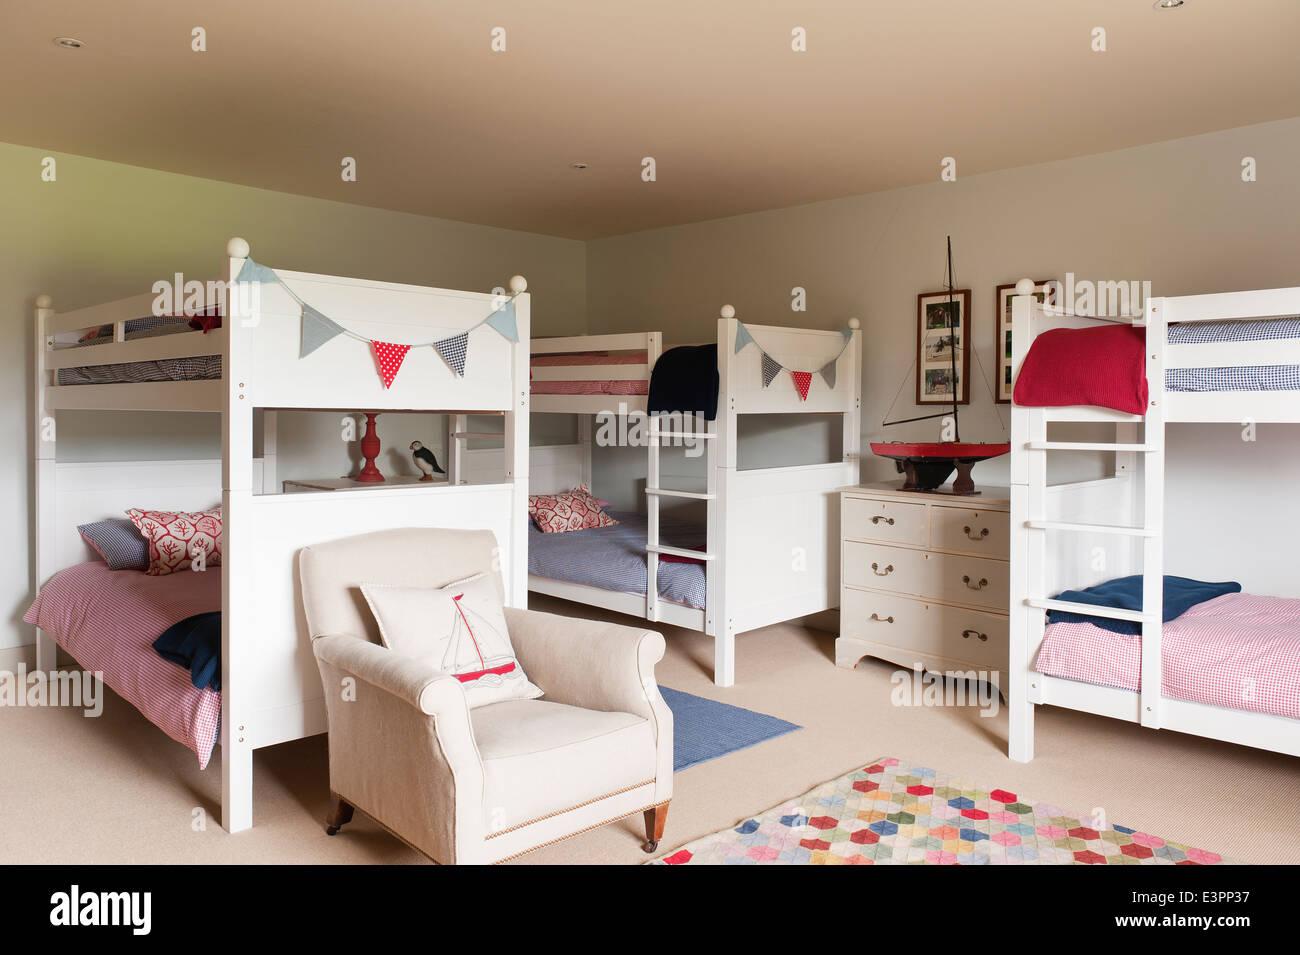 Etagenbett Holz Weiß : Weiße holz etagenbett im kinderschlafzimmer mit sessel und